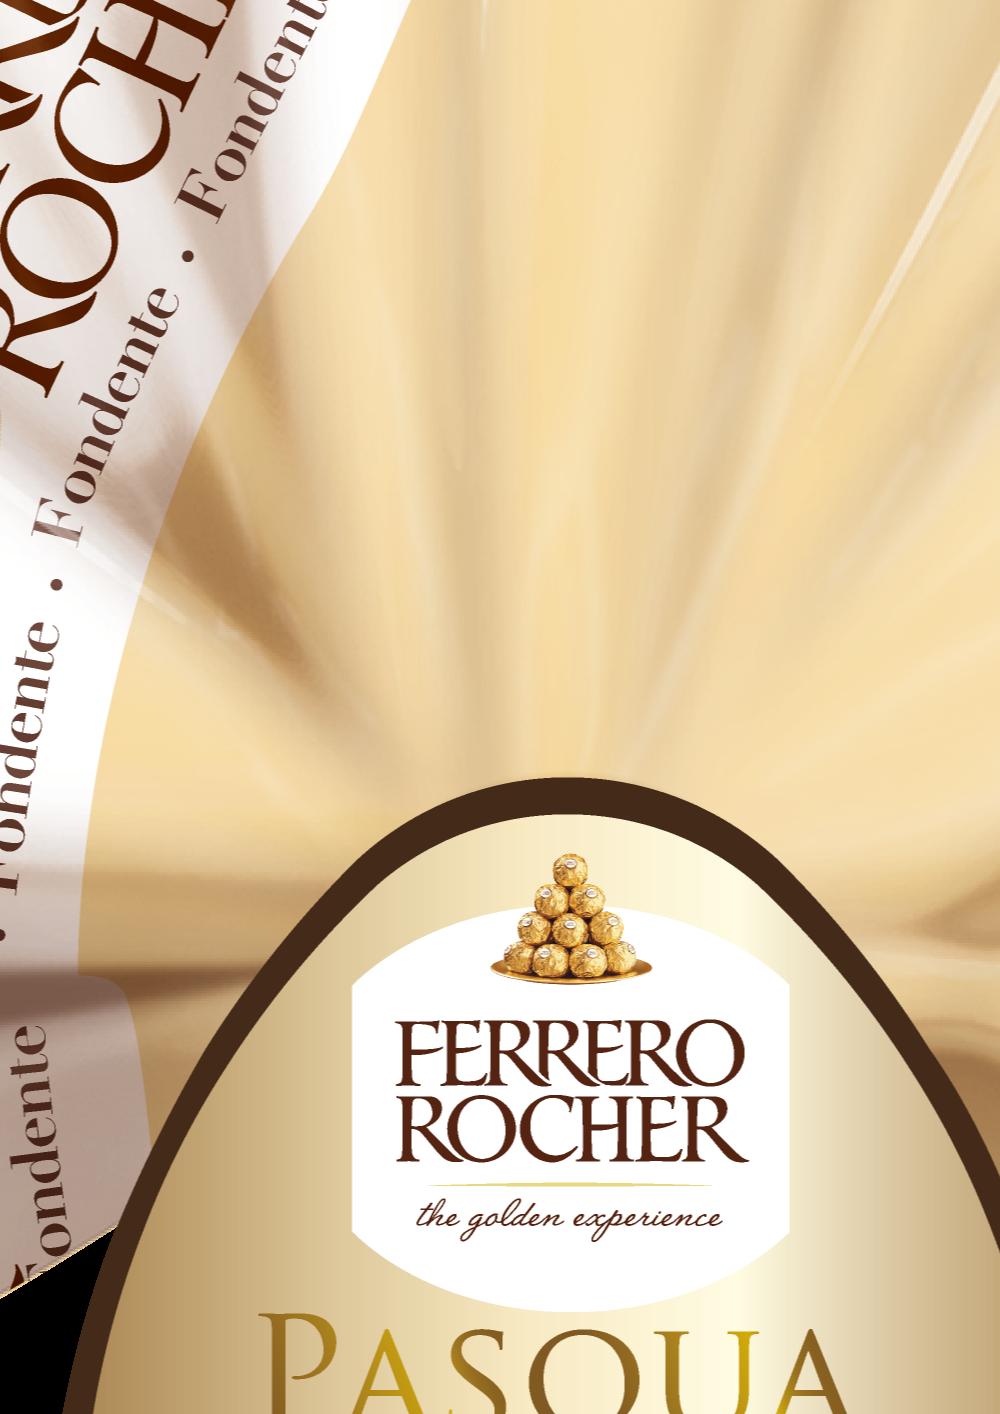 Kinder & Ferrero: le novità per la Pasqua 2021